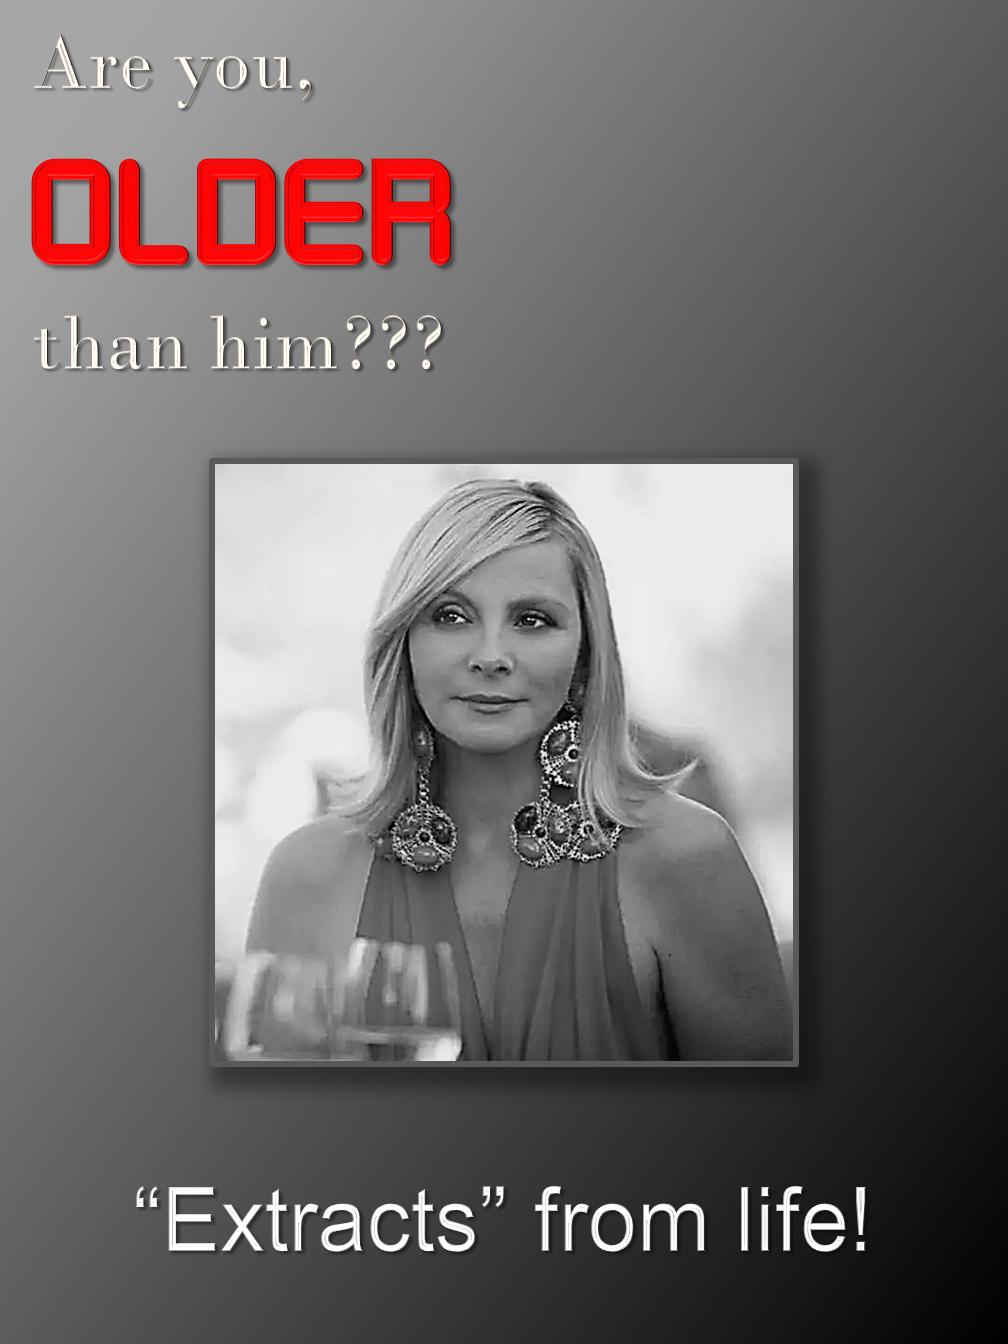 Older than him?